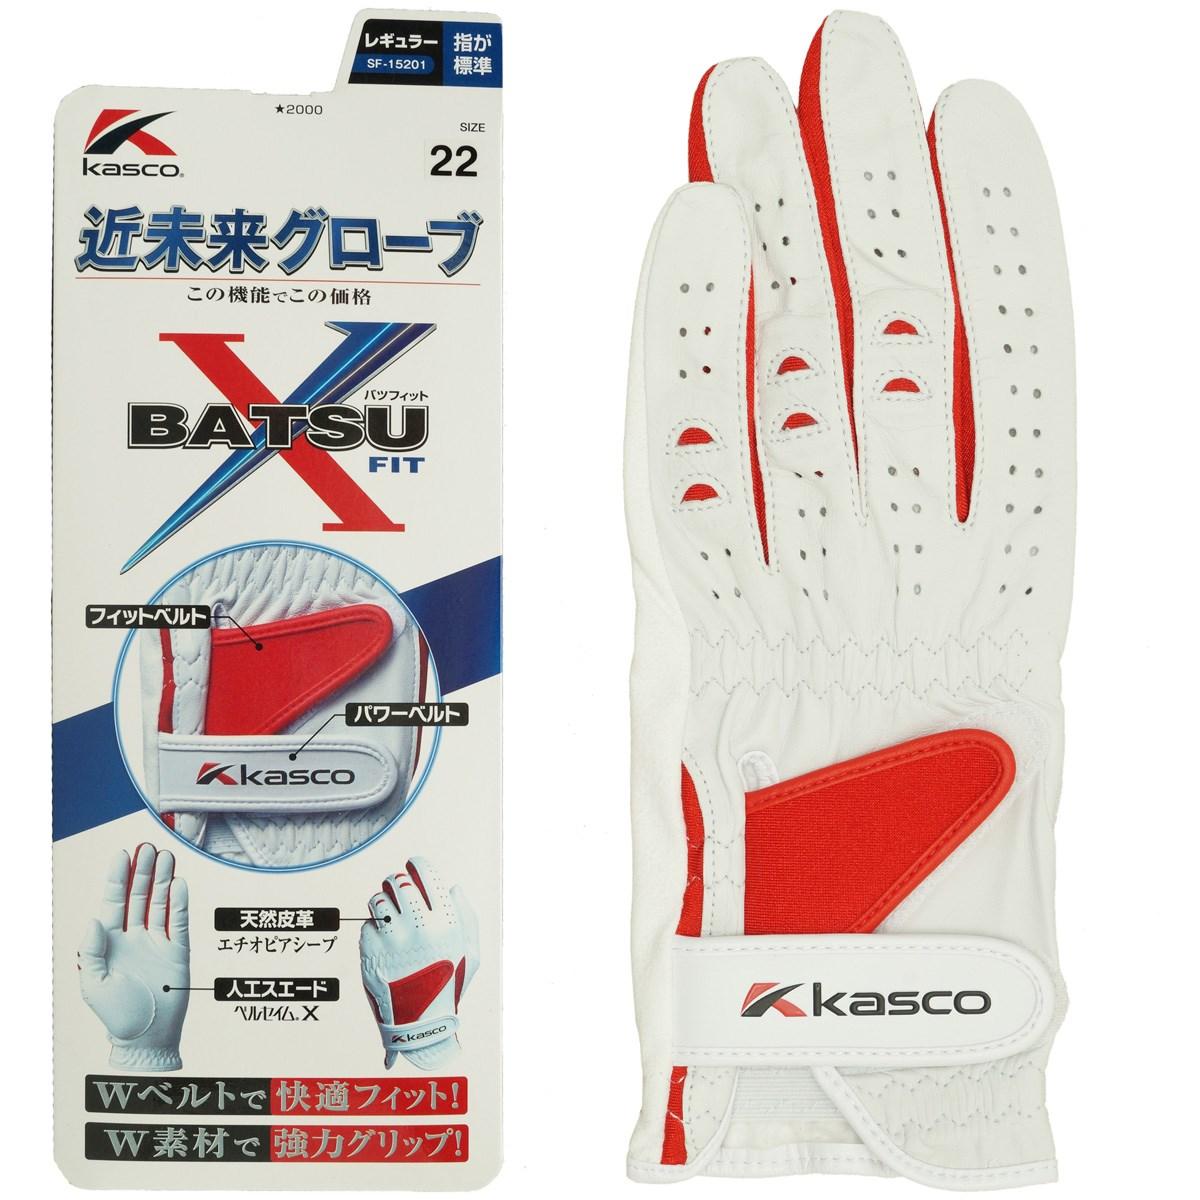 キャスコ KASCO バツフィット グローブ 21cm 左手着用(右利き用) ホワイト